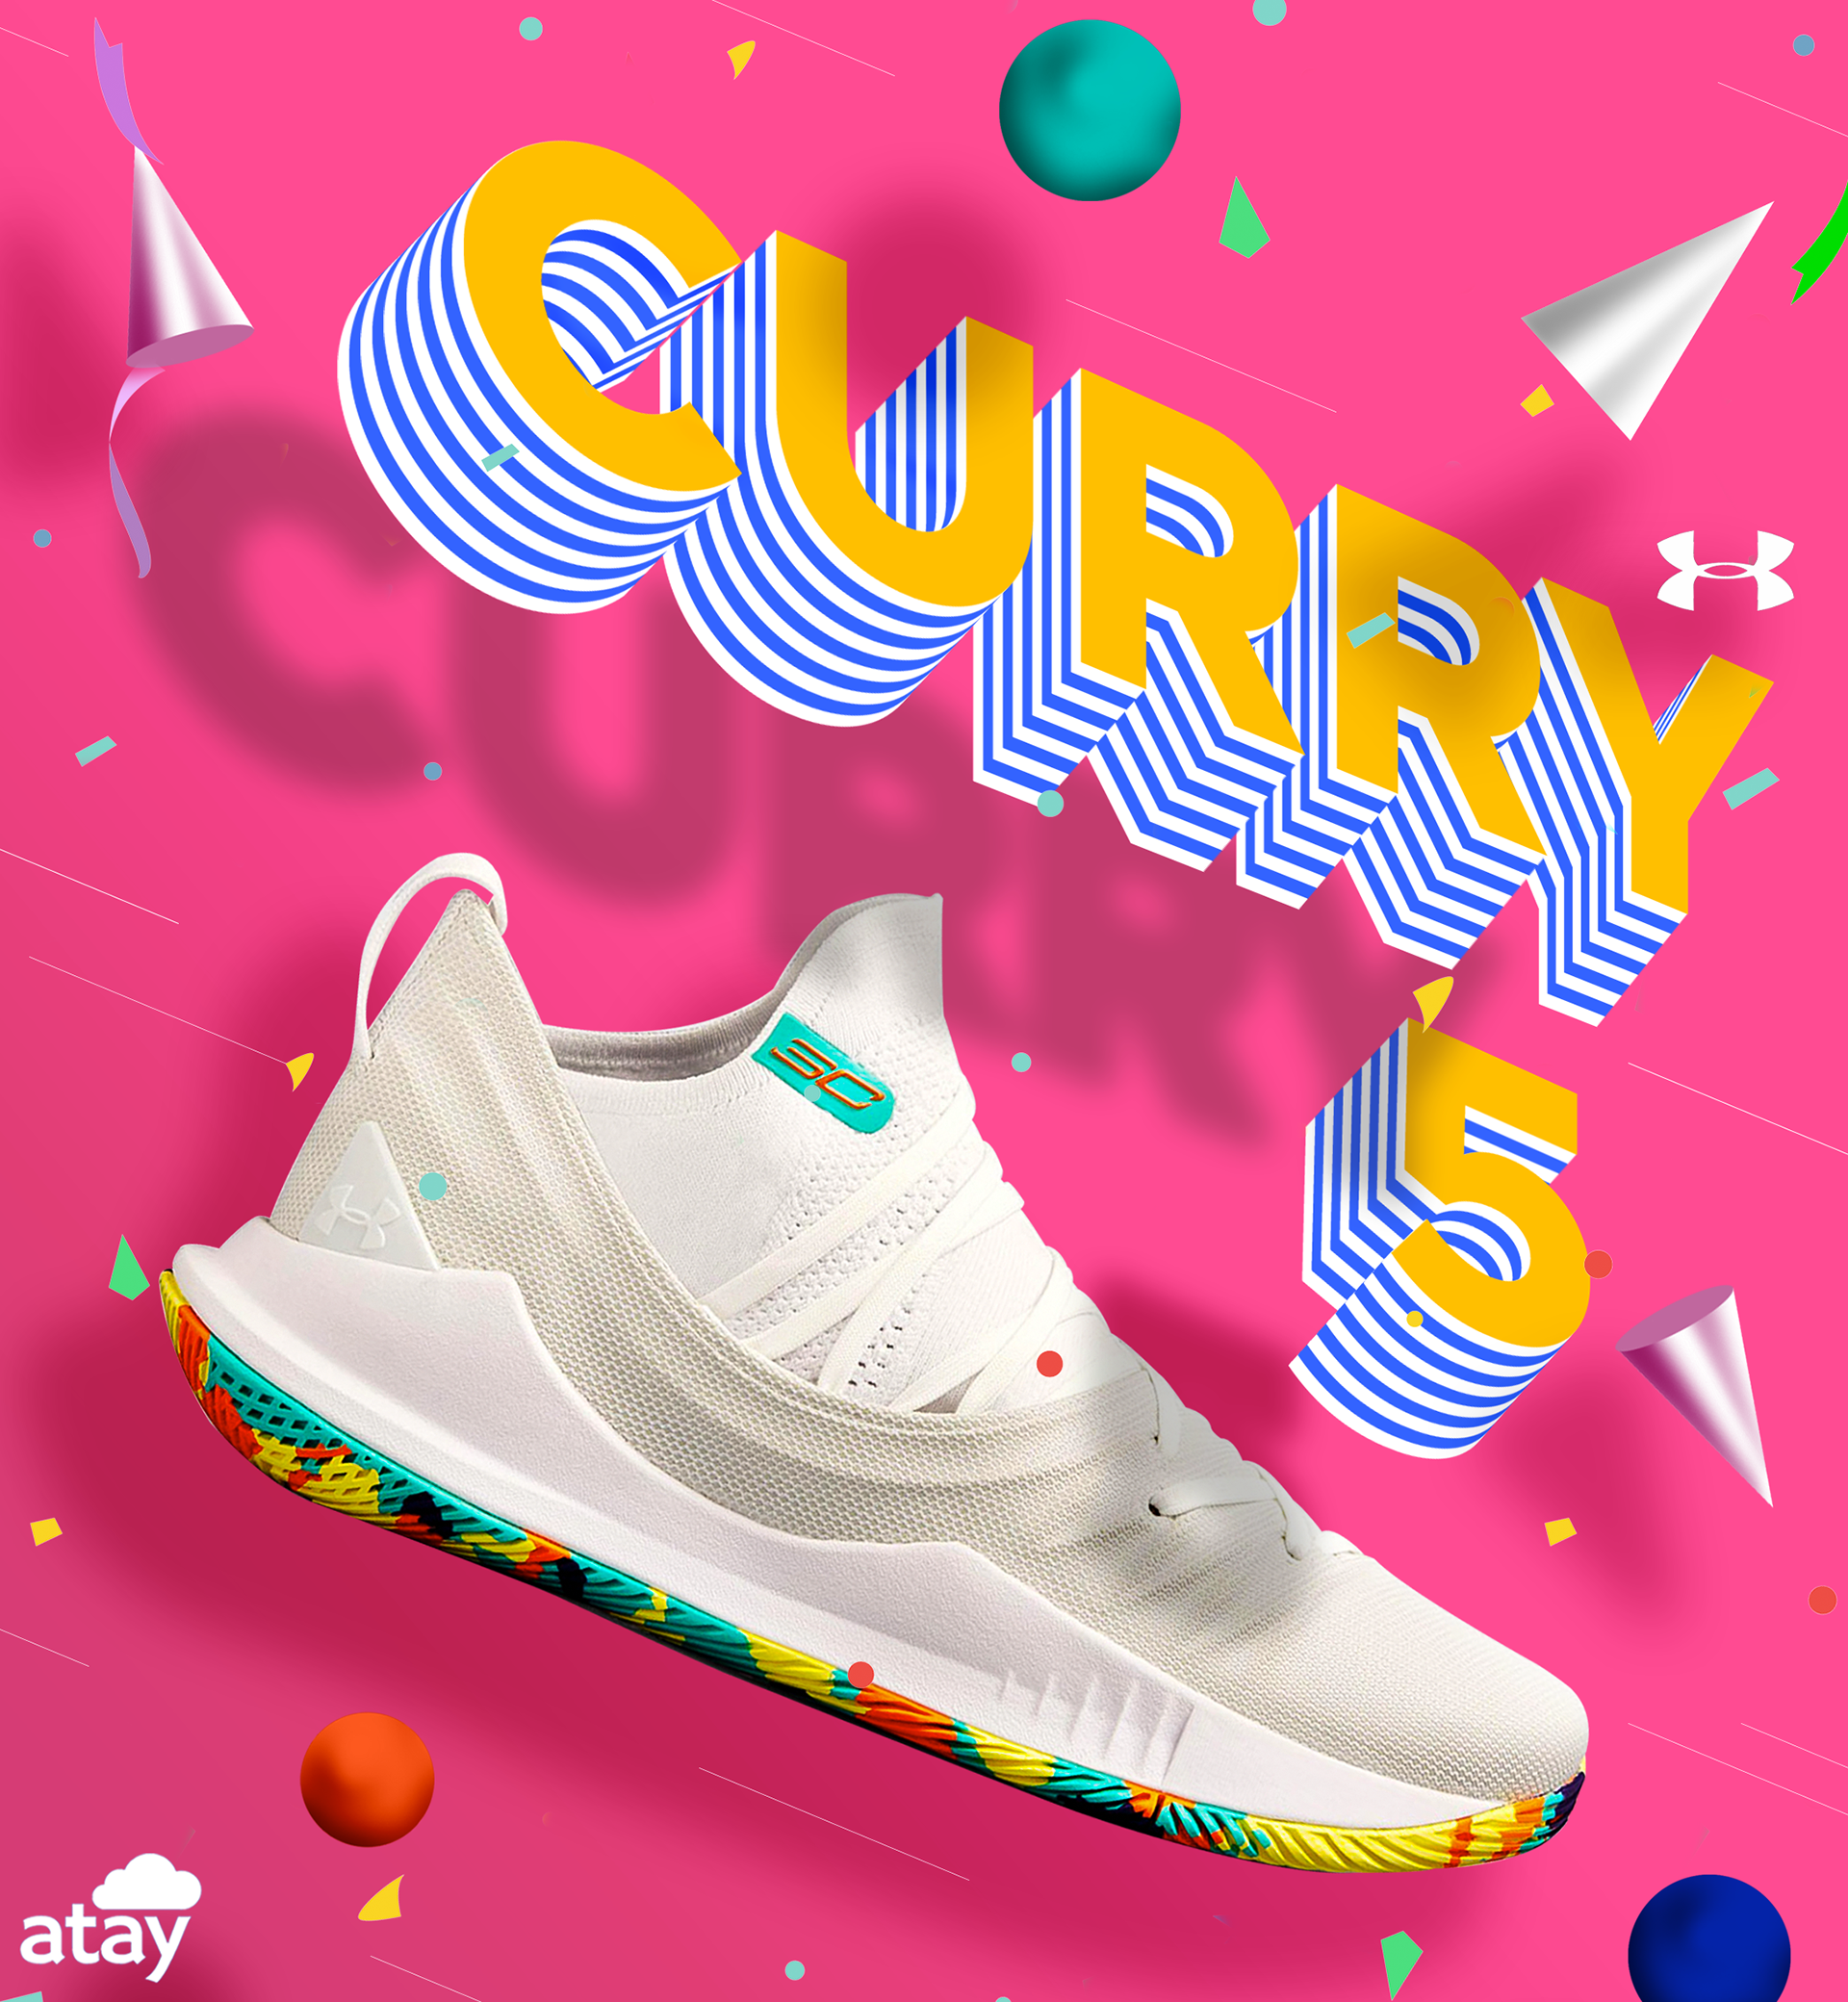 99282d69234 Atay Bulut - UA Curry 5 (Poster Idea)